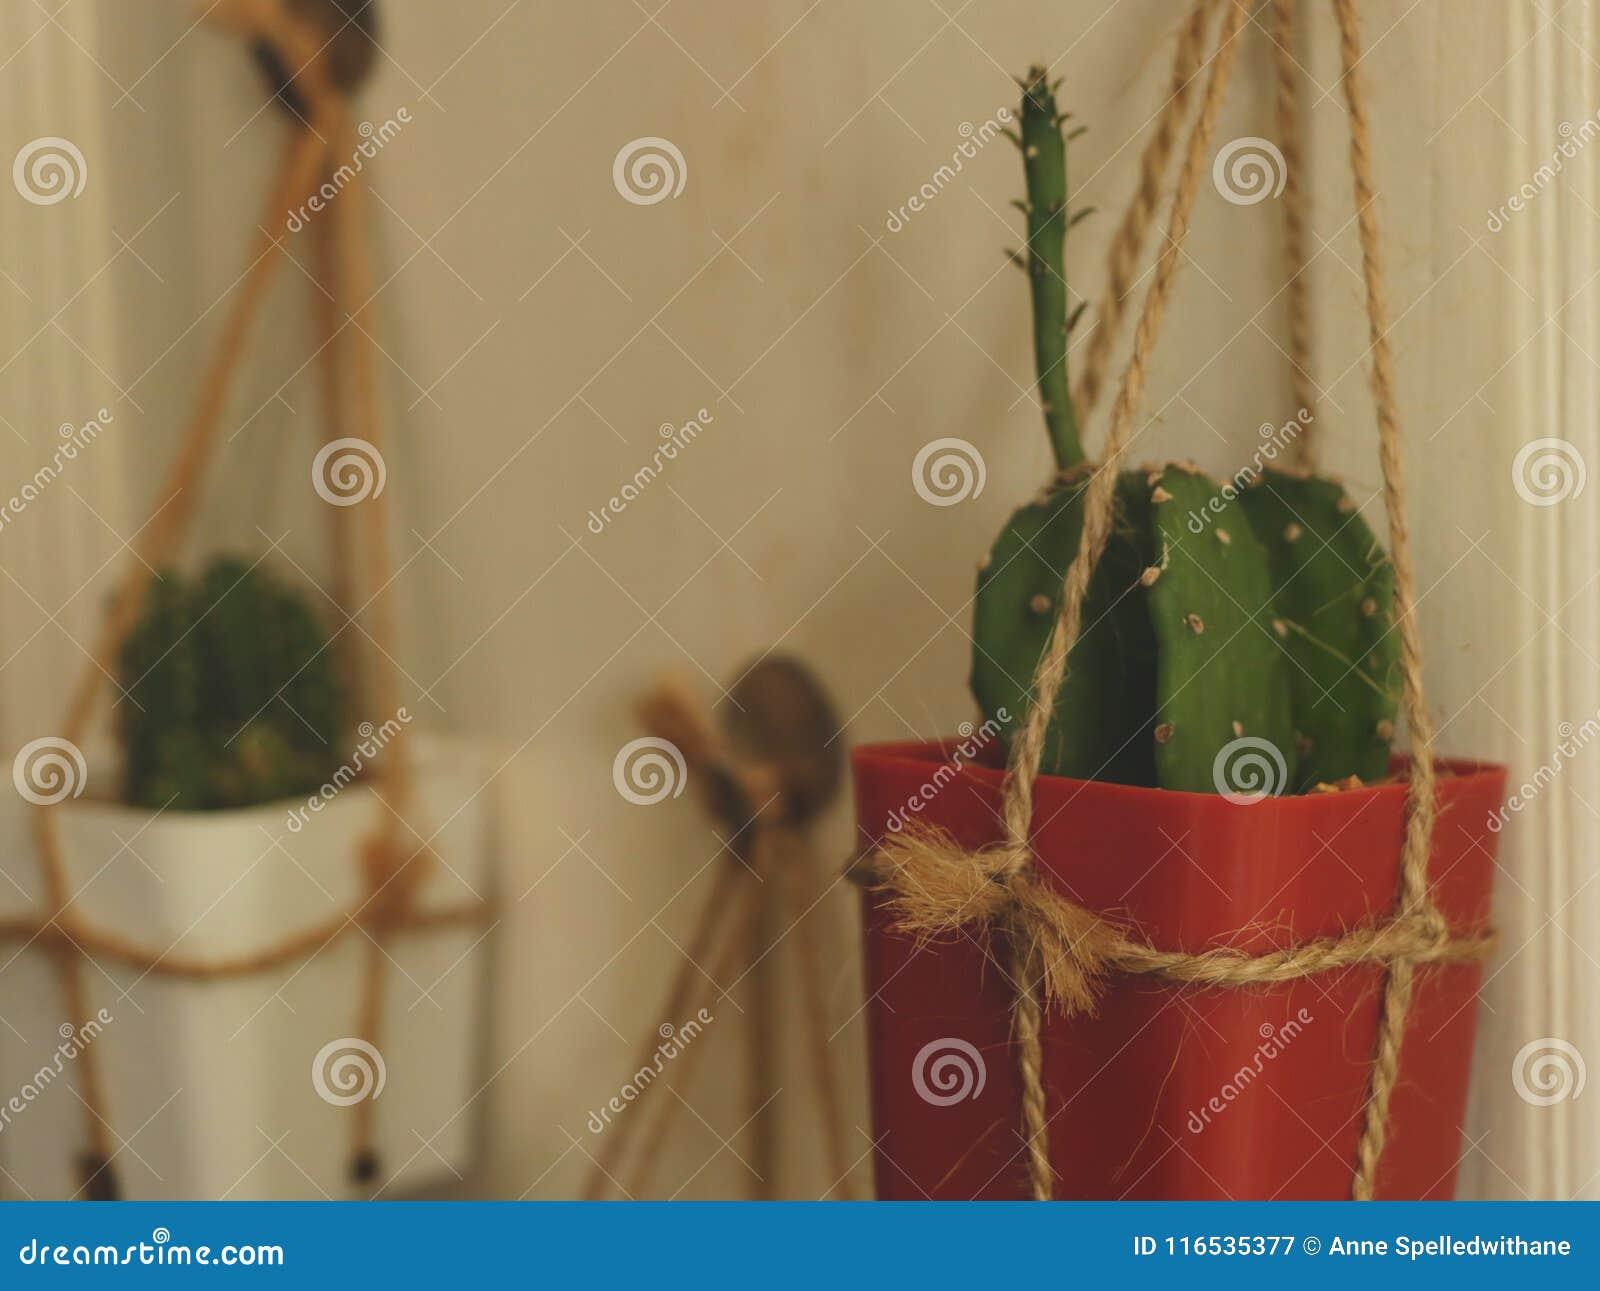 Hanging Cactus On White Wooden Door - Vintage Garden Idea Stock ...